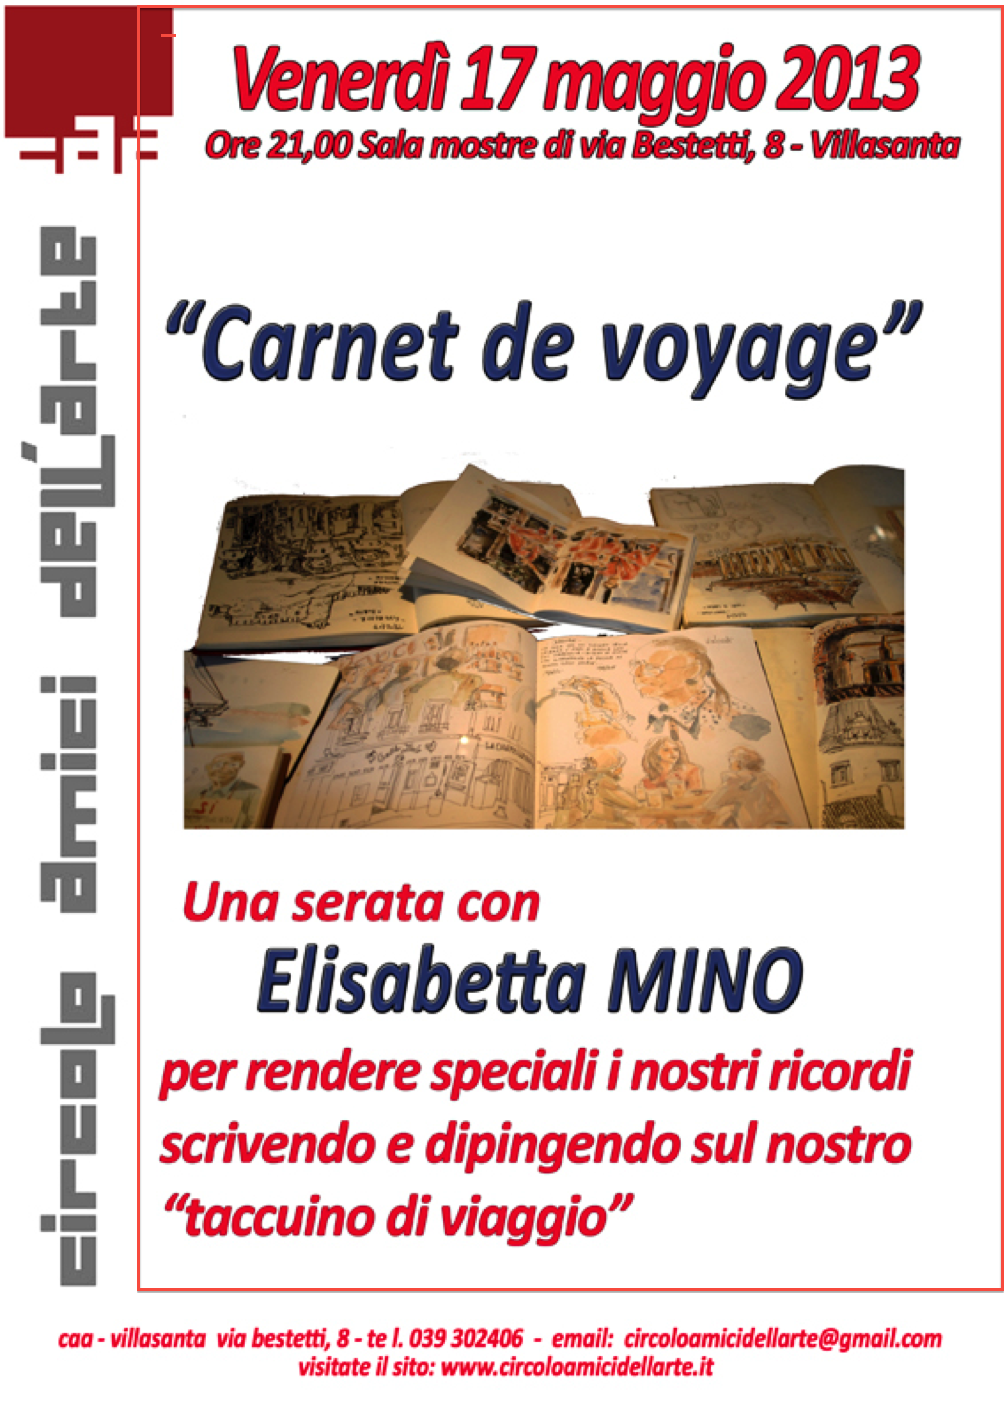 Carnet de Voyage - CONFERENZA